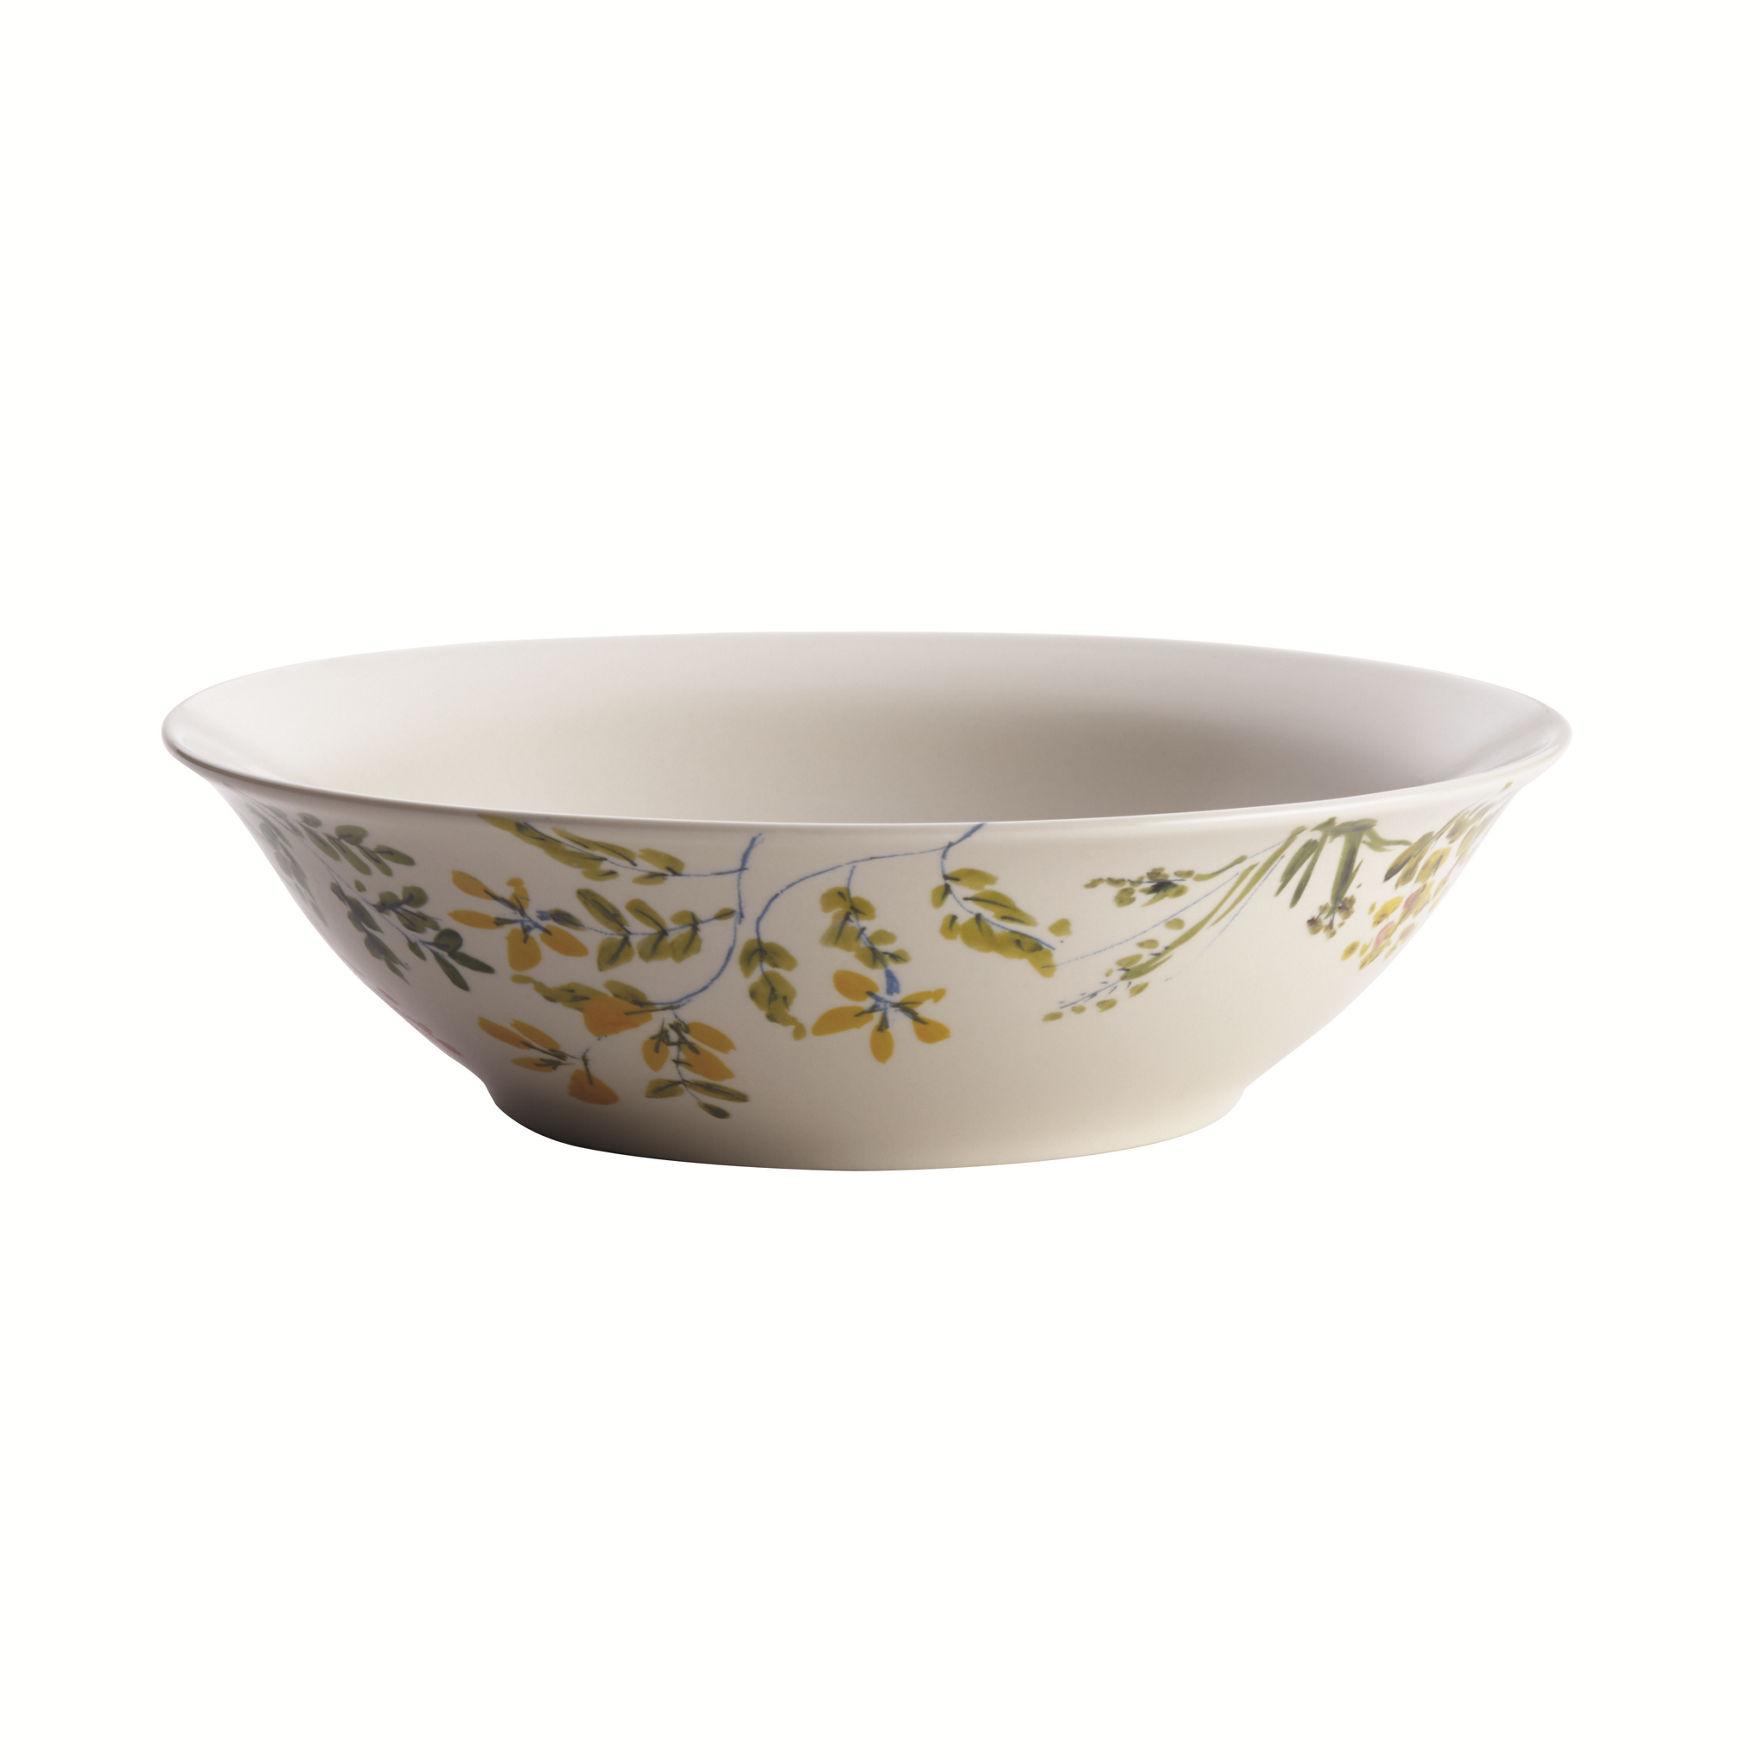 Paula Deen Print Bowls Dinnerware